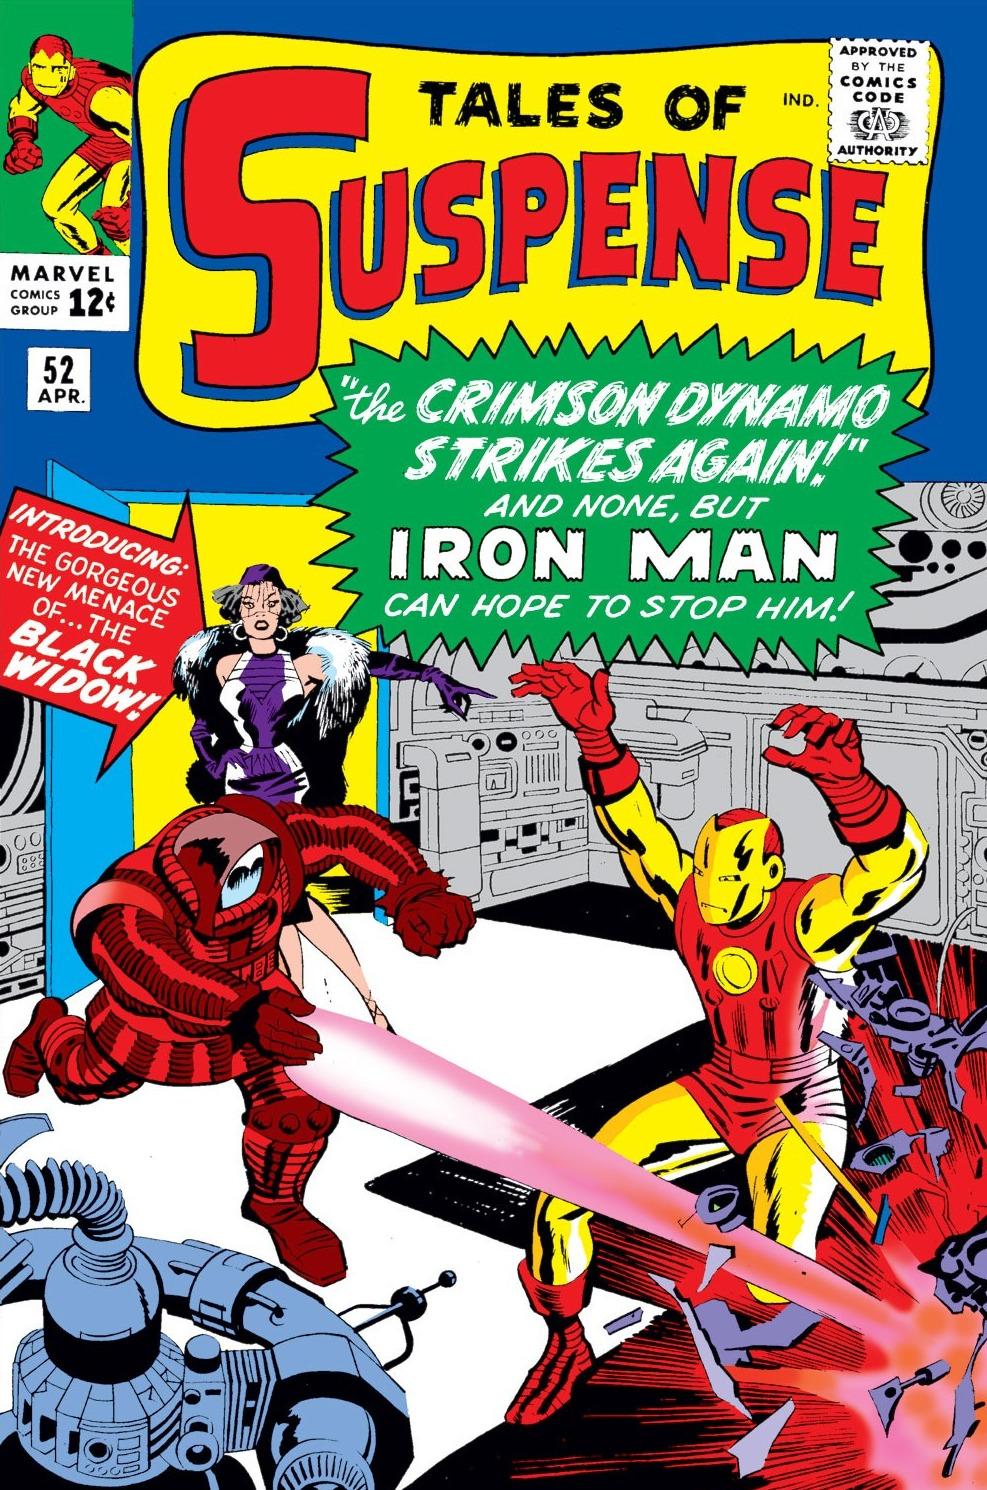 Portada de Tales of Suspense #52 (abril de 1964), la primera aparición de Black Widow/Natasha Romanoff. Imagen: marvel.fandom.com